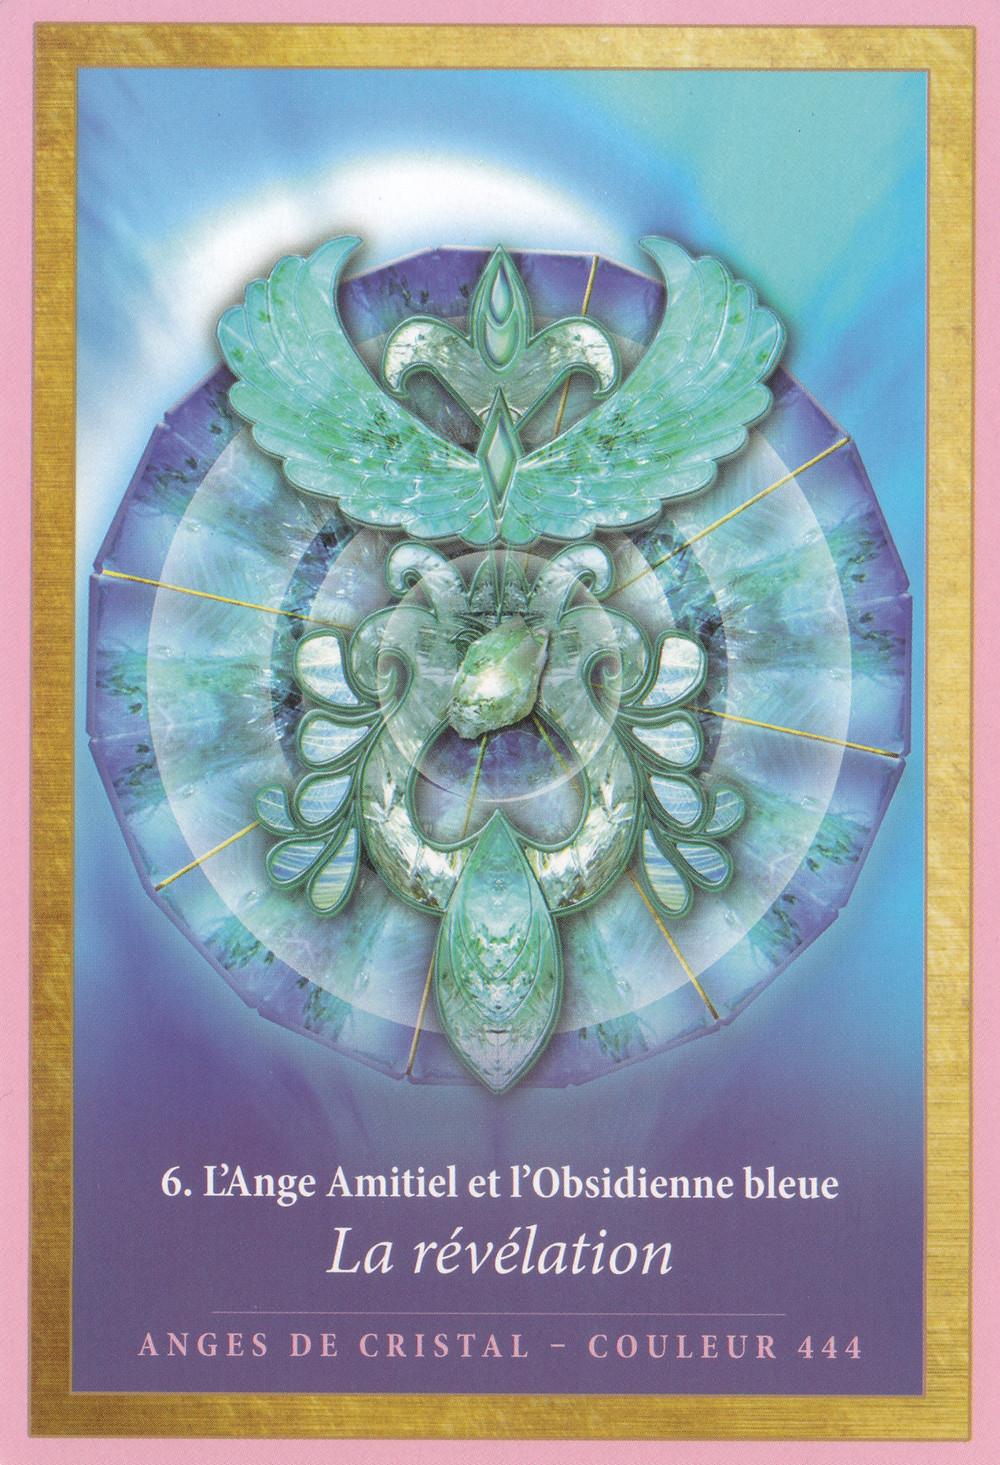 Carte de l'Oracle L'énergie des Anges et des Cristaux d'Alana Fairchild - 6 - La révélation - L'Ange Amitiel et l'Obsidienne bleue - Energies du 23 au 29 Mars 2020 (Nouvelle lune du 24) : Révélations et Libérations !